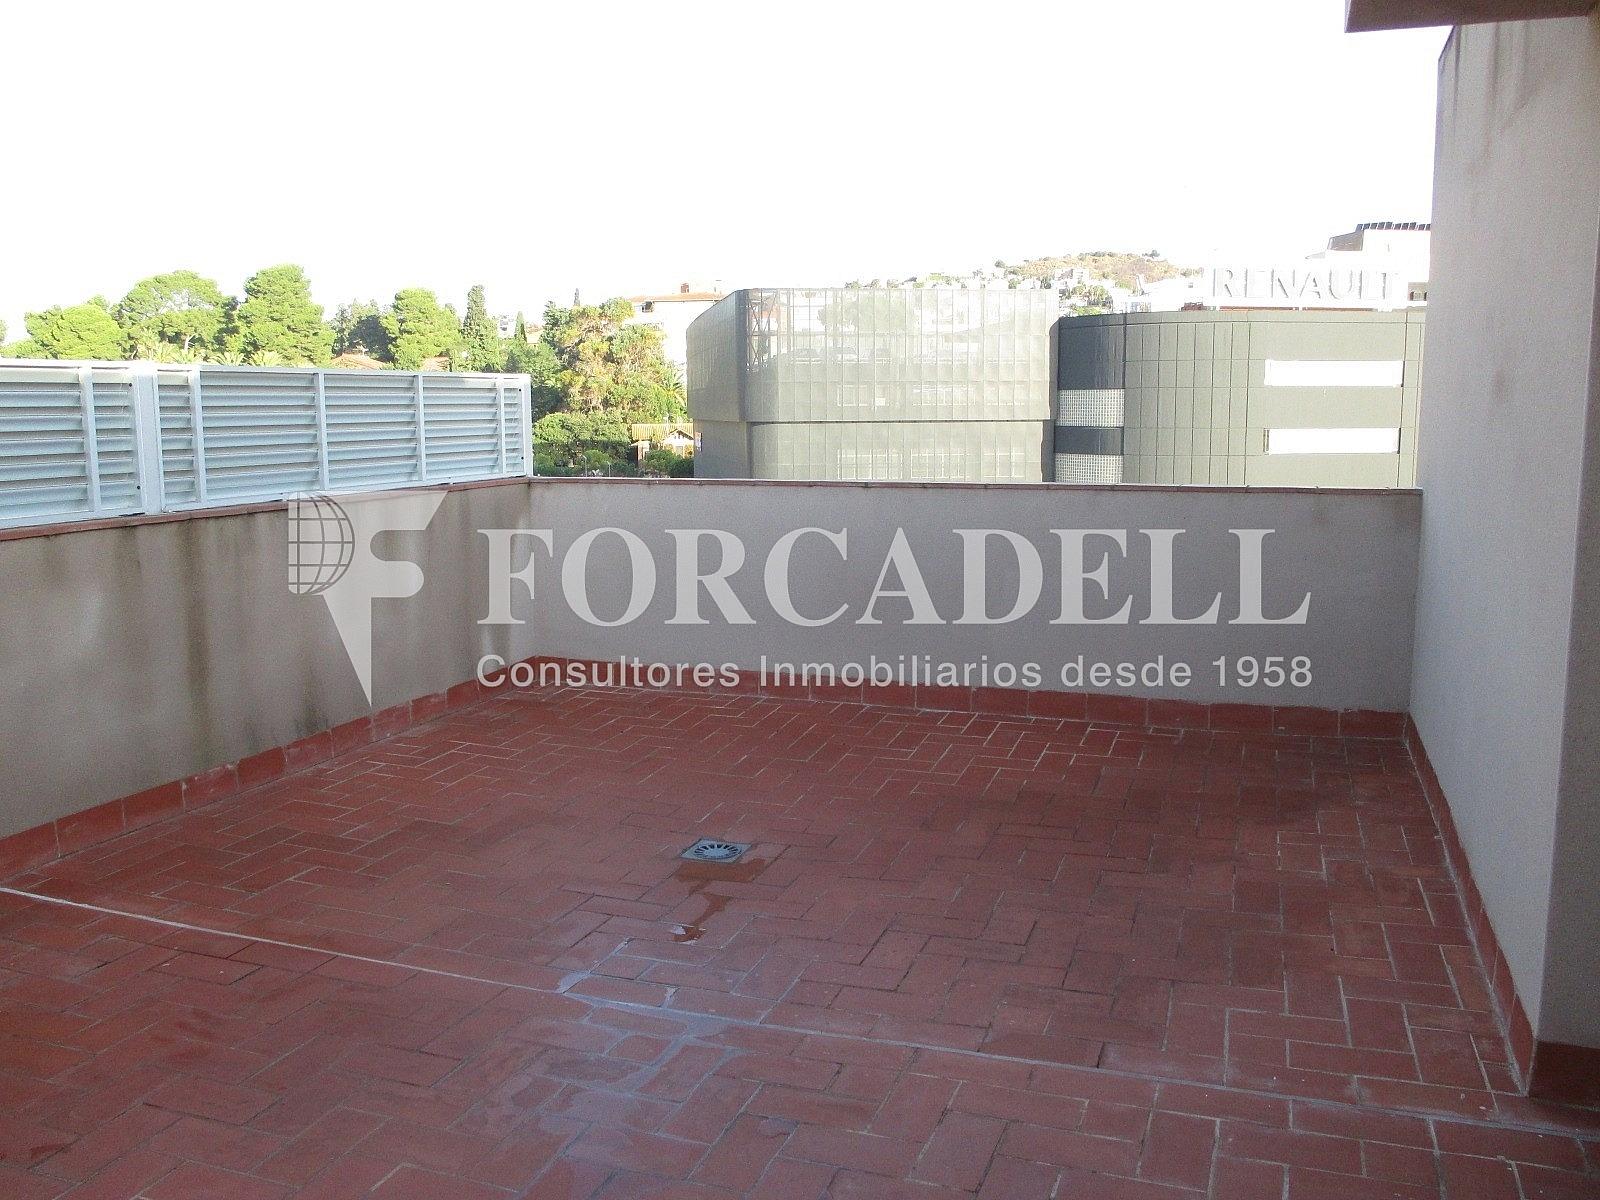 IMG_2693 - Piso en alquiler en calle Merce Rodoreda, Can clota en Esplugues de Llobregat - 331432029